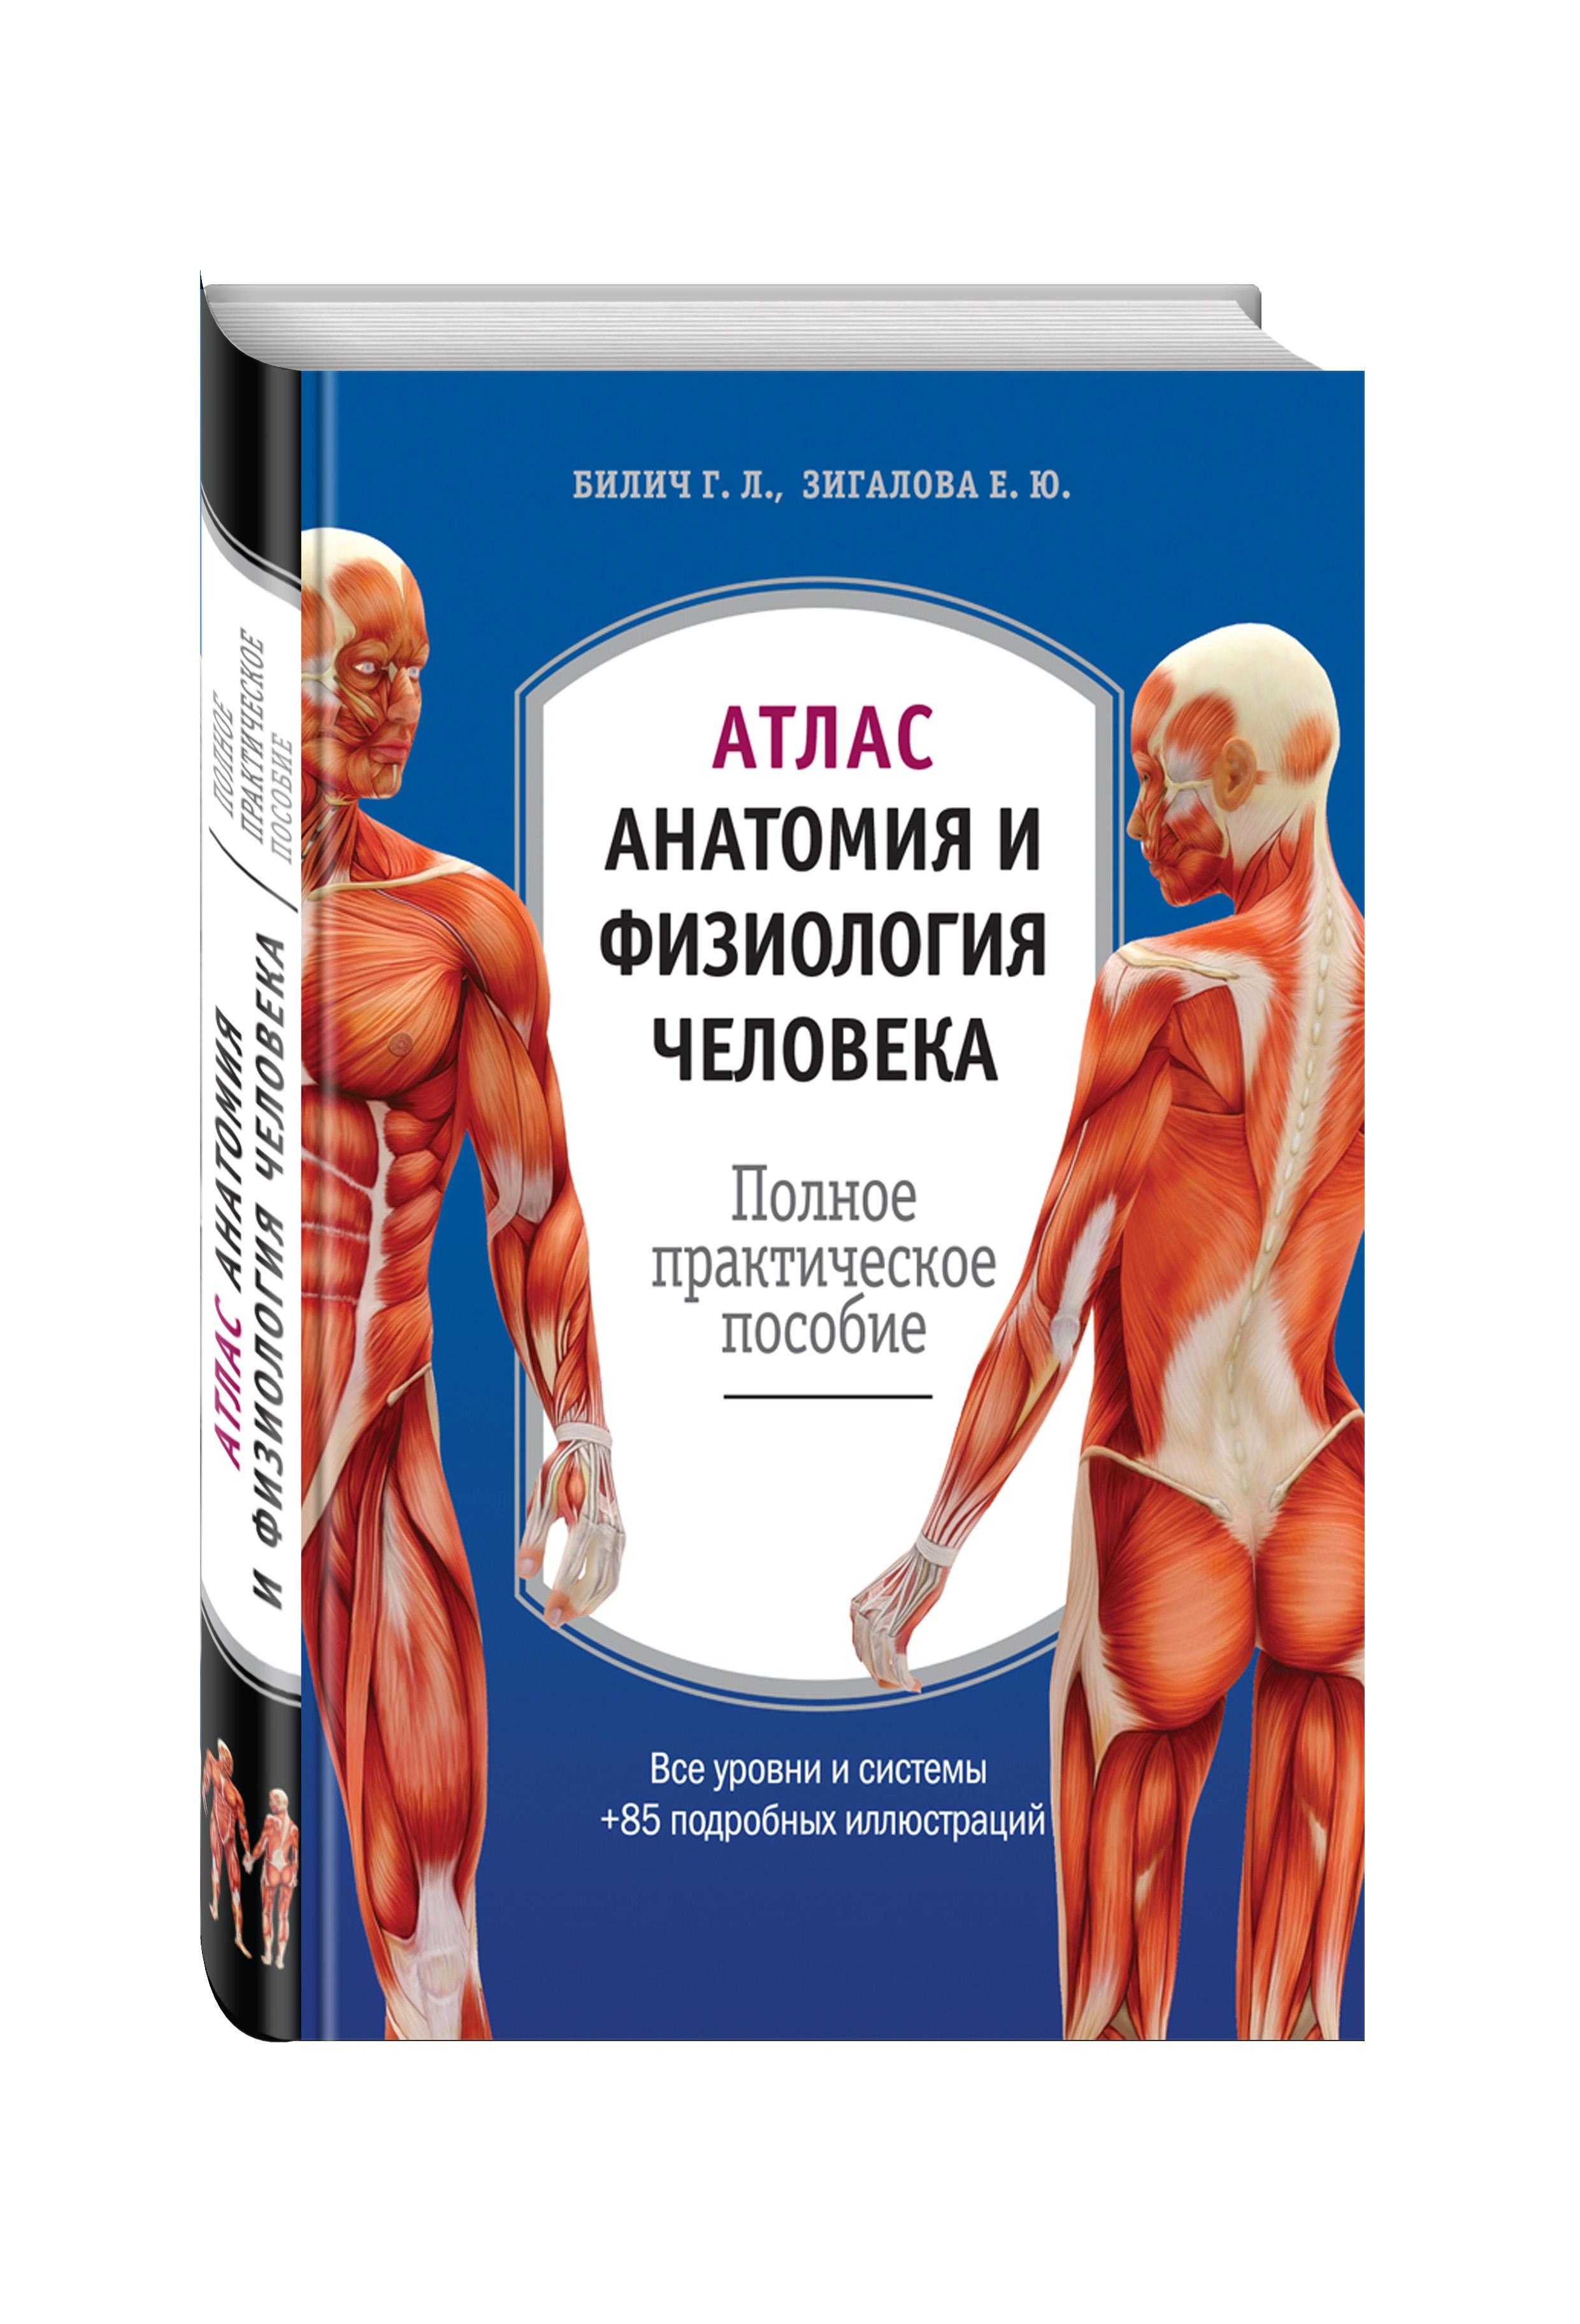 Атлас: анатомия и физиология человека ( Билич Г.Л., Зигалова Е.Ю.  )